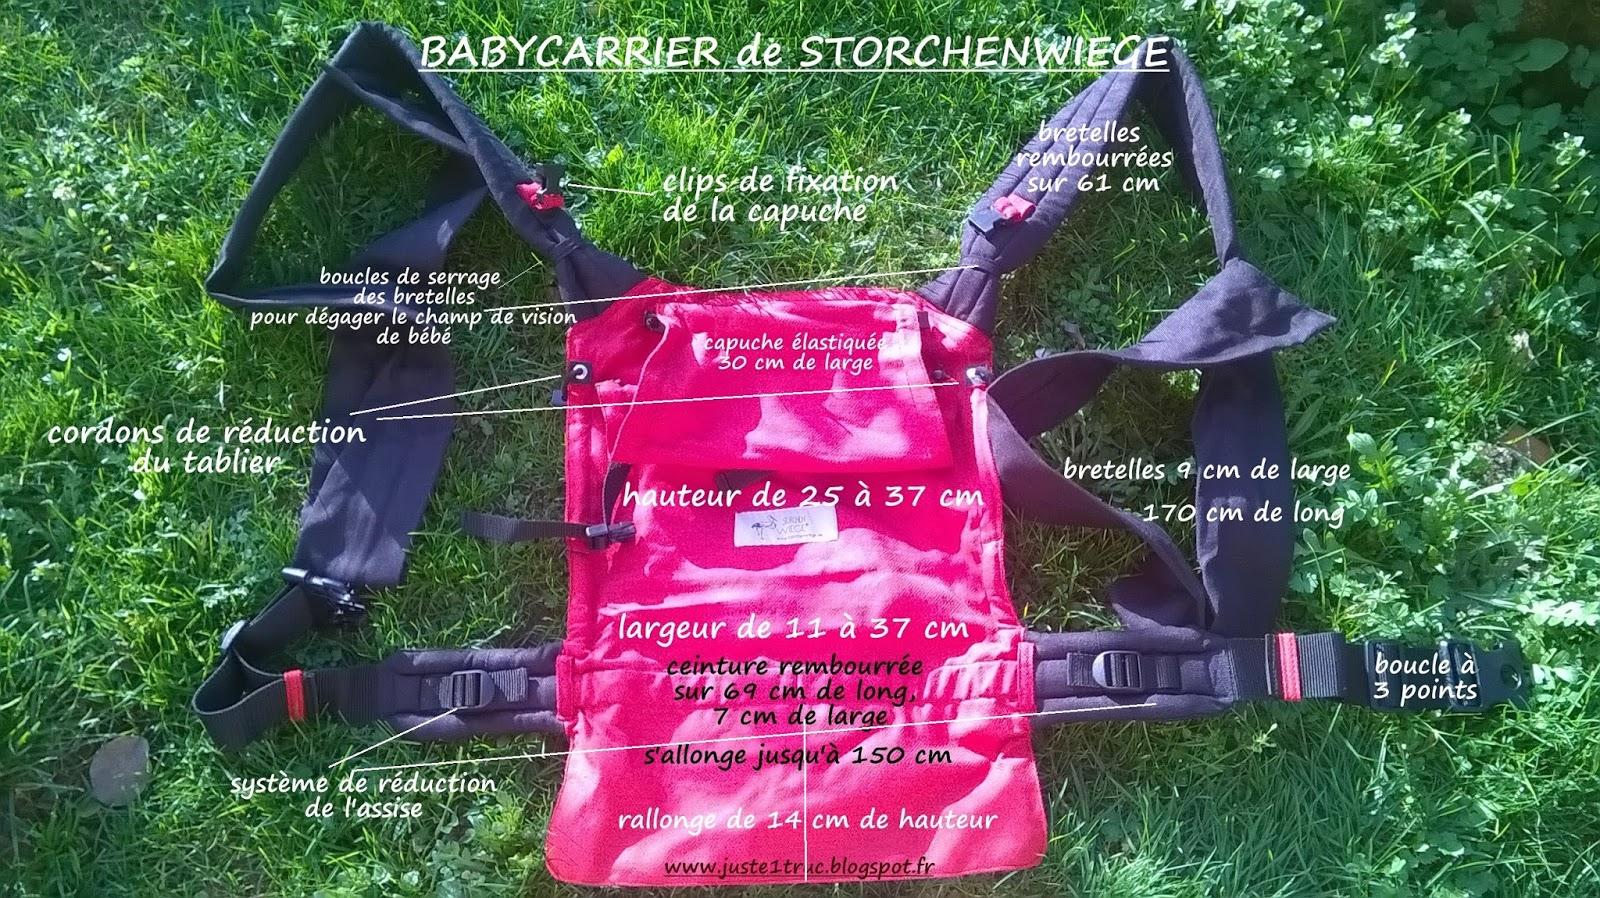 babycarrier storchenwiege porte-bébé meitai mei-tai portage bébé porter  test dimensions hybride clip b71d8de67dc